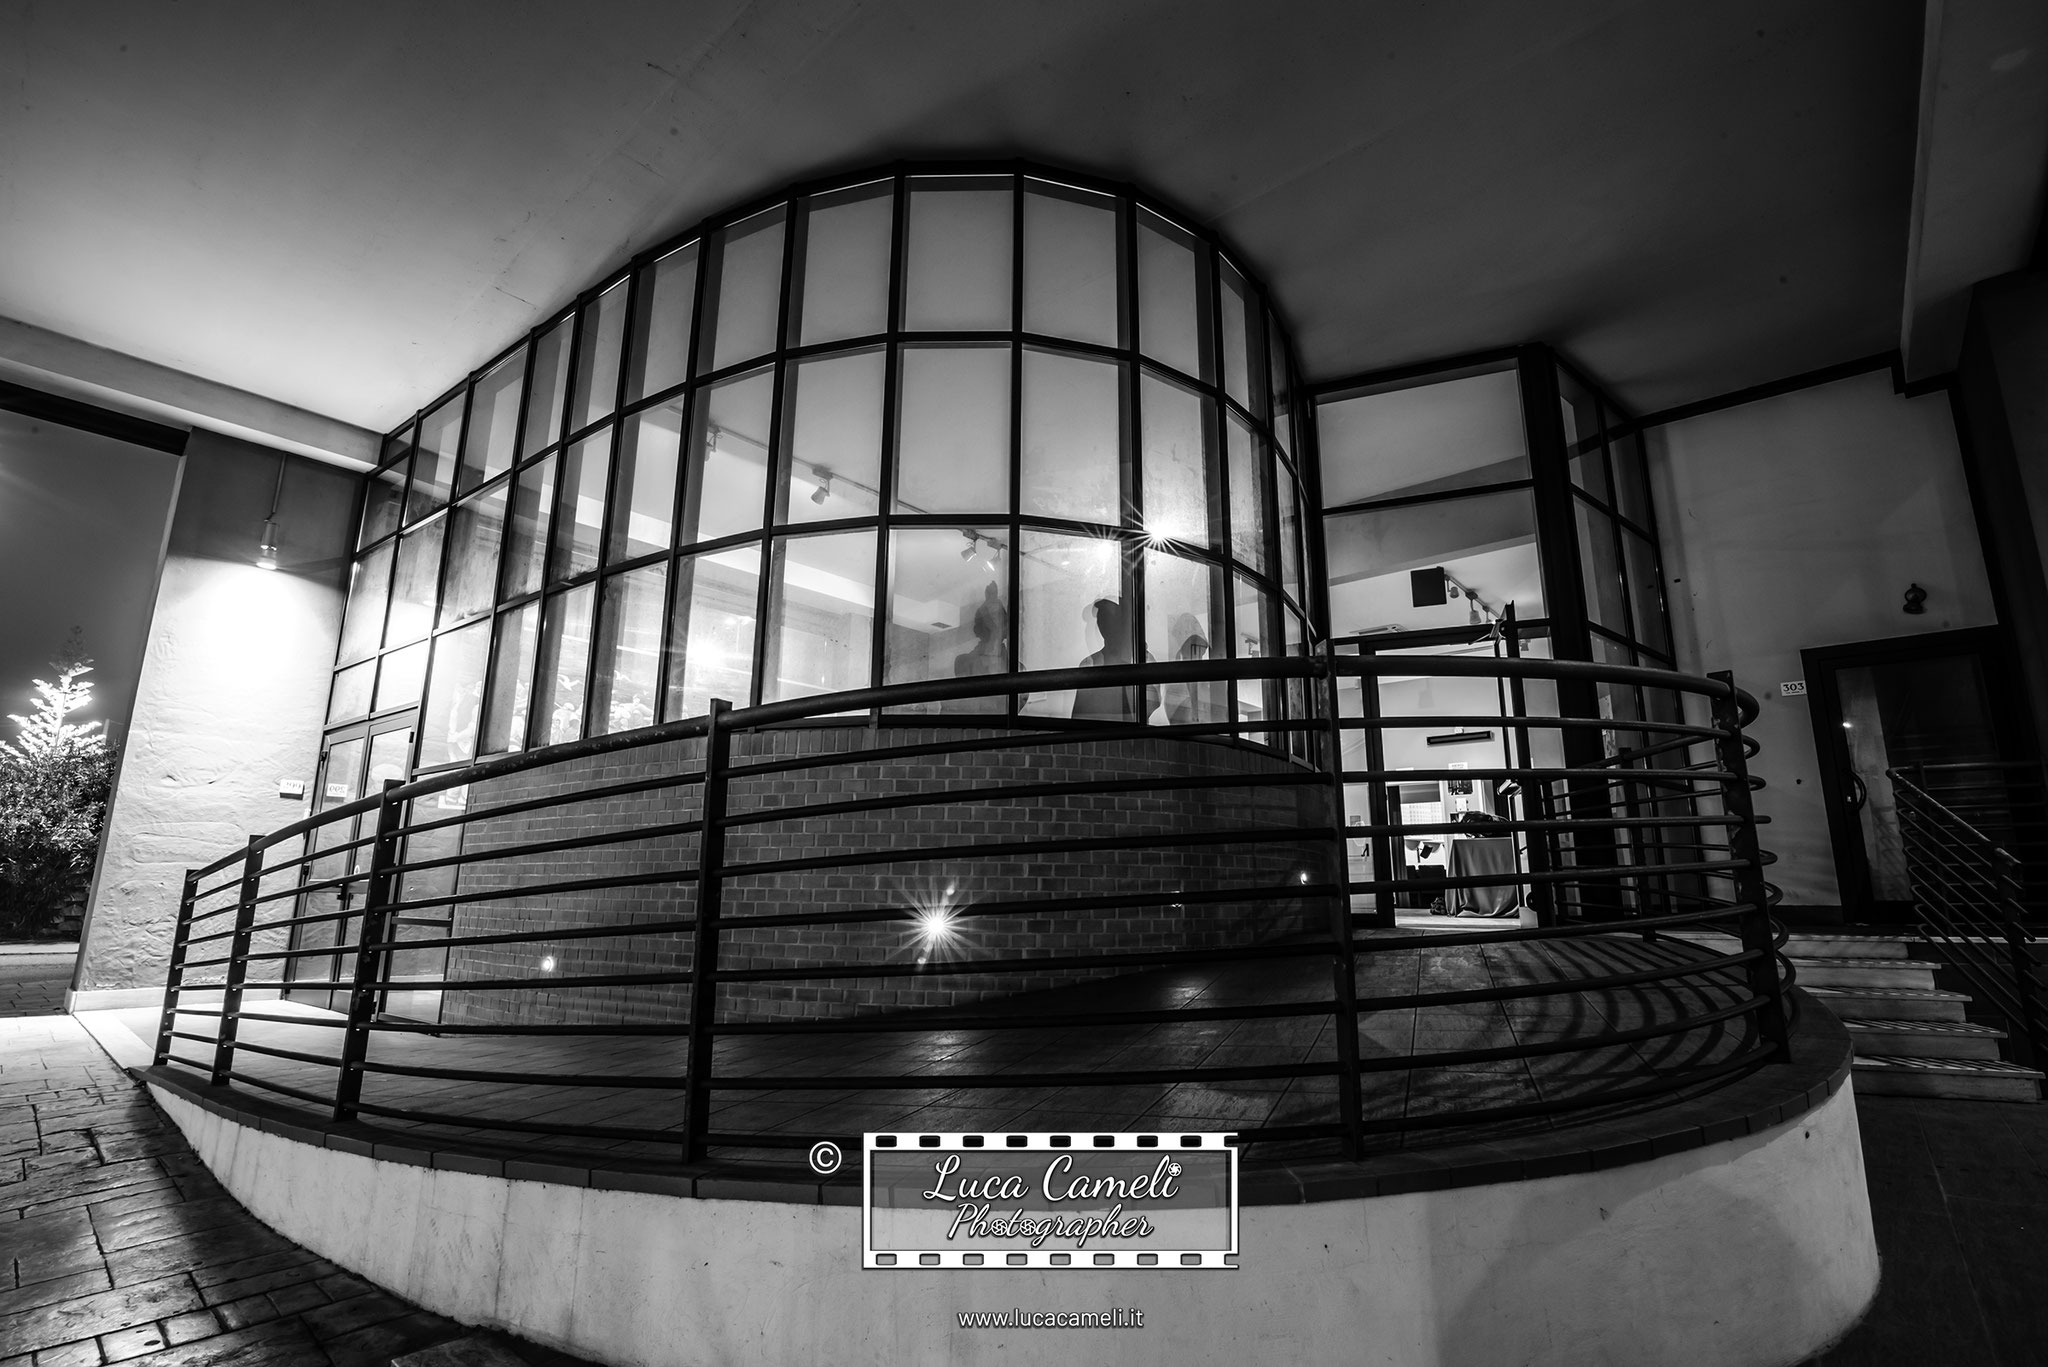 Facciamo Luce Sul Teatro, 22 febbraio 2021. Accademia Di Teatro di Eugenio Olivieri, San Benedetto del Tronto. Teatro delle Energie, Grottammare. UNITA - Unione Nazionale Interpreti Teatro e Audiovisivo. © Luca Cameli Photographer